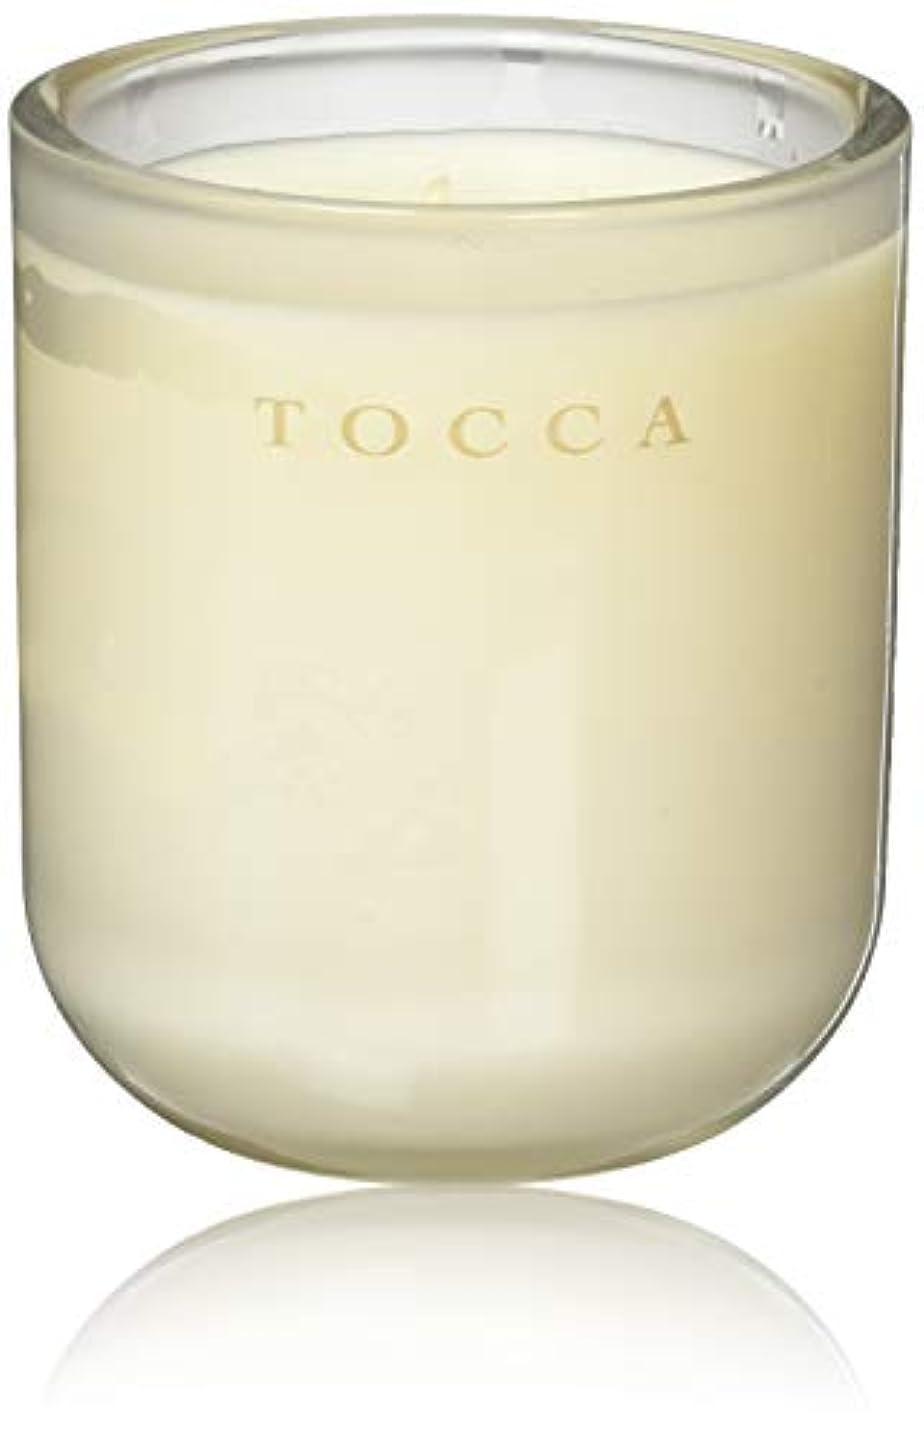 符号ゴールデン税金TOCCA(トッカ) ボヤージュ キャンドル カプリ 287g (ろうそく 芳香 柑橘とメロンの魅惑なシトラスな香り)